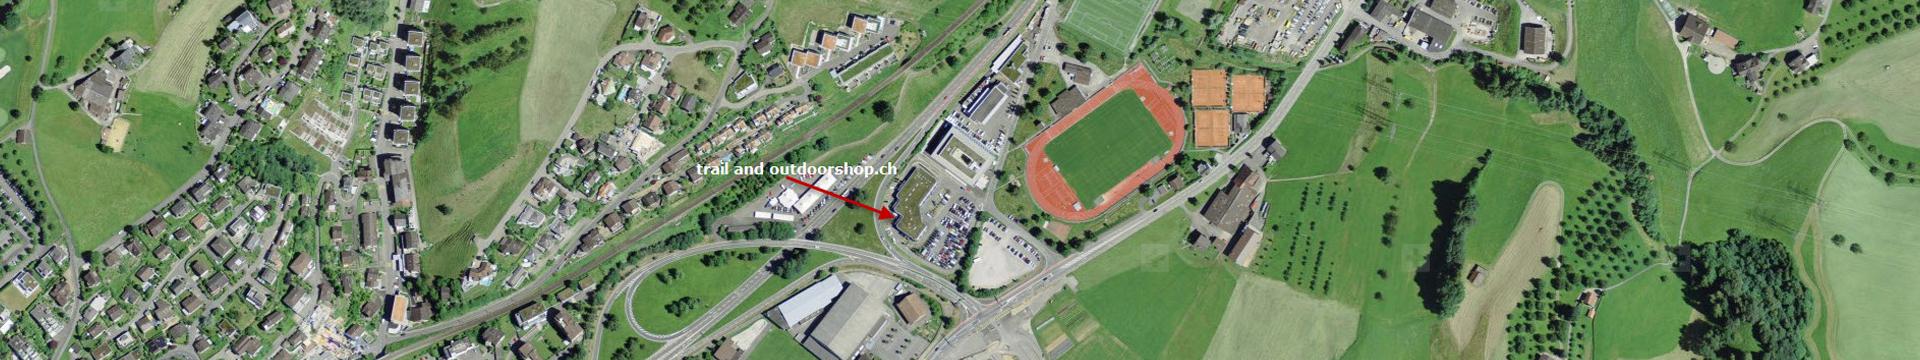 Anfahrt und Situationsplan zu trail and outdoorshop.ch